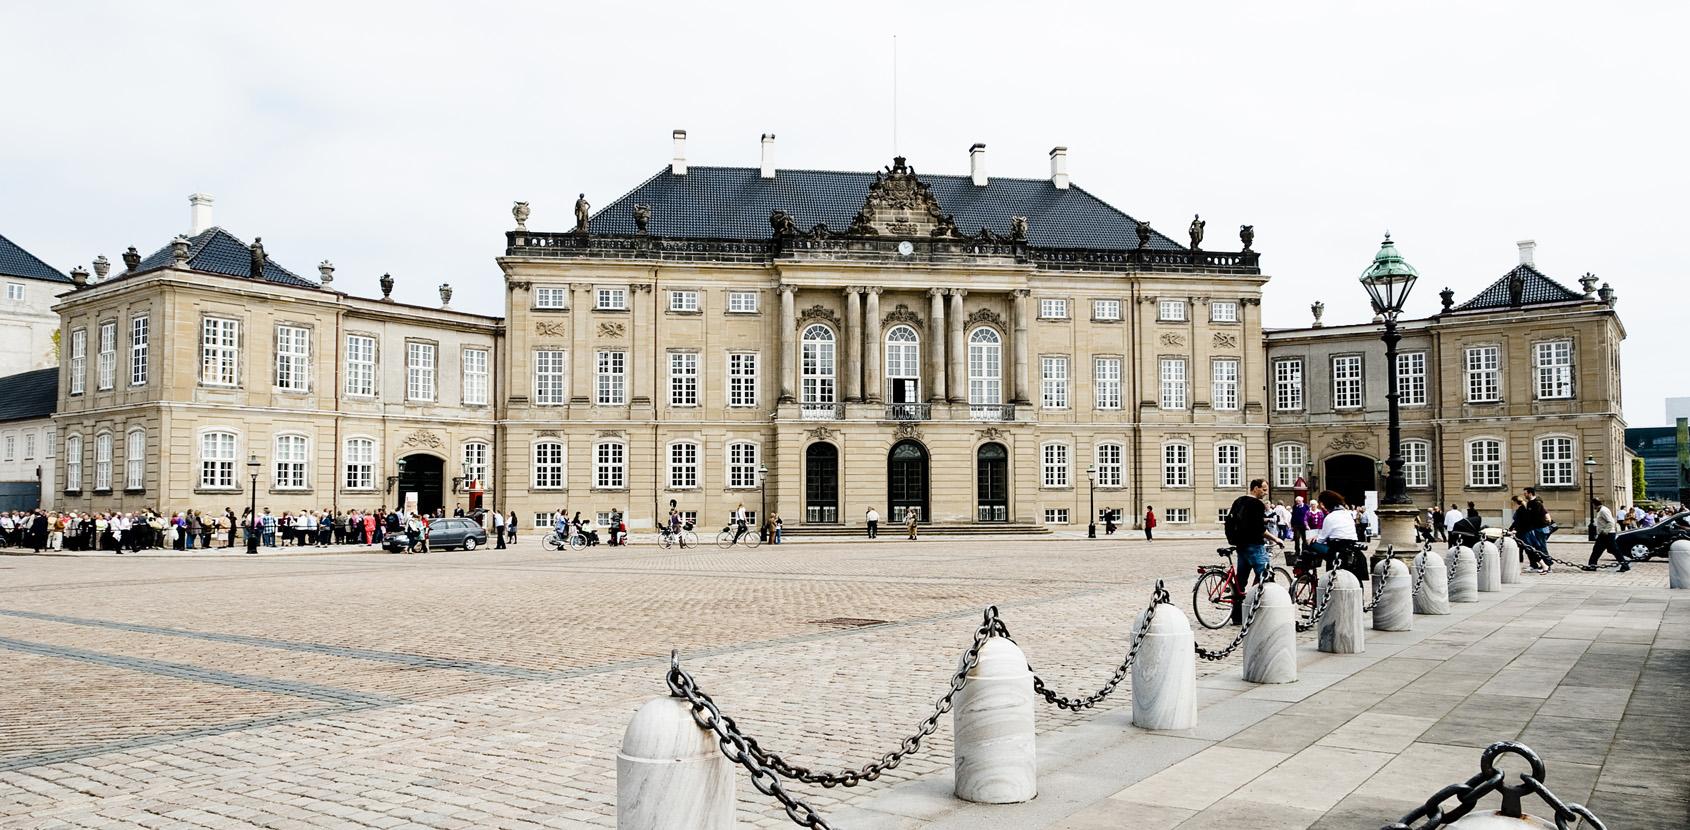 Palæet indeholder blandt andet museet Kongernes Samling - Amalienborg, som er den danske kongefamilies museum.